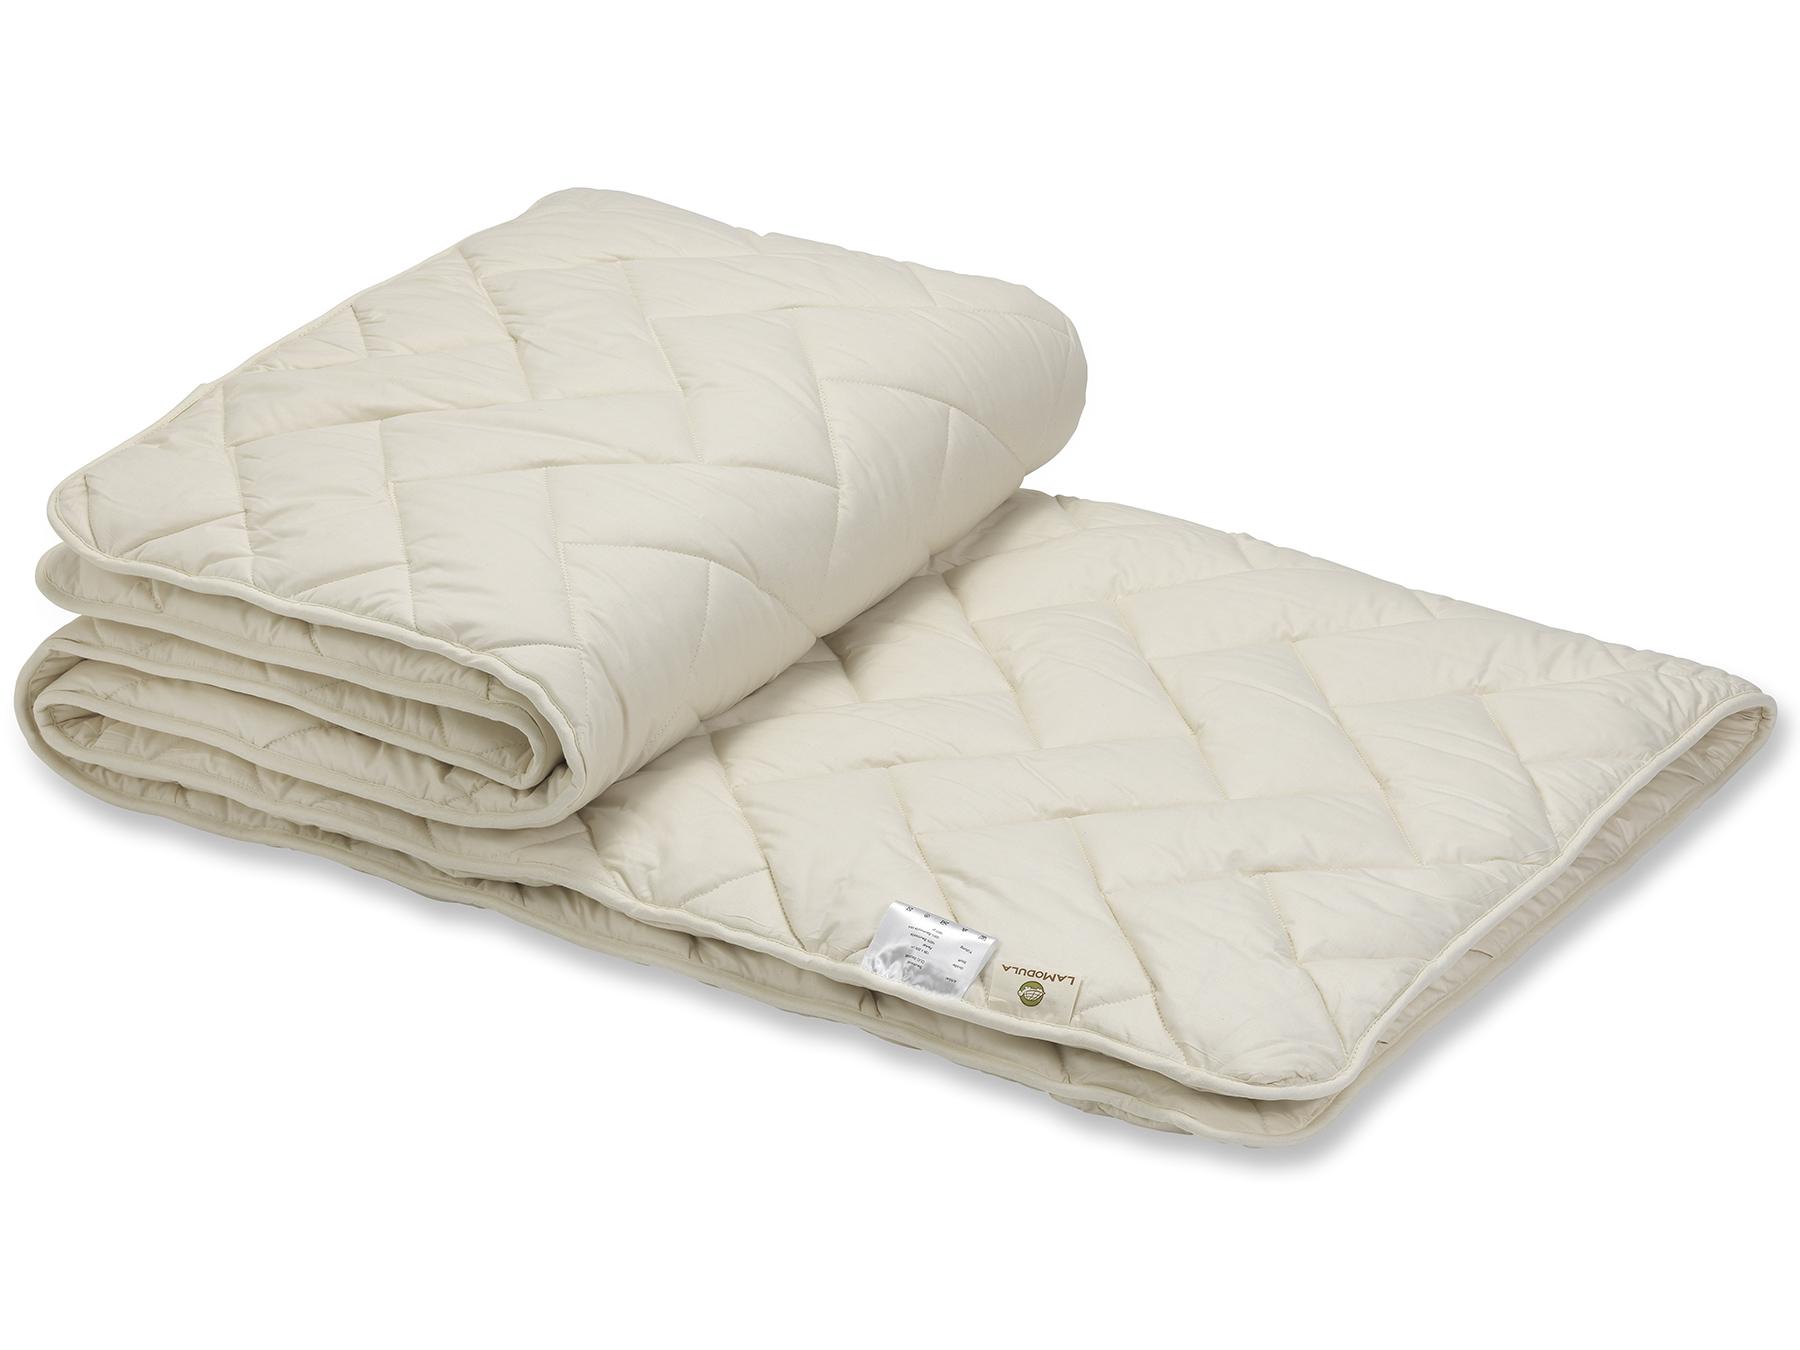 Die Duo-Decke besteht aus zwei leichten Decken, die miteinander versteppt werden.